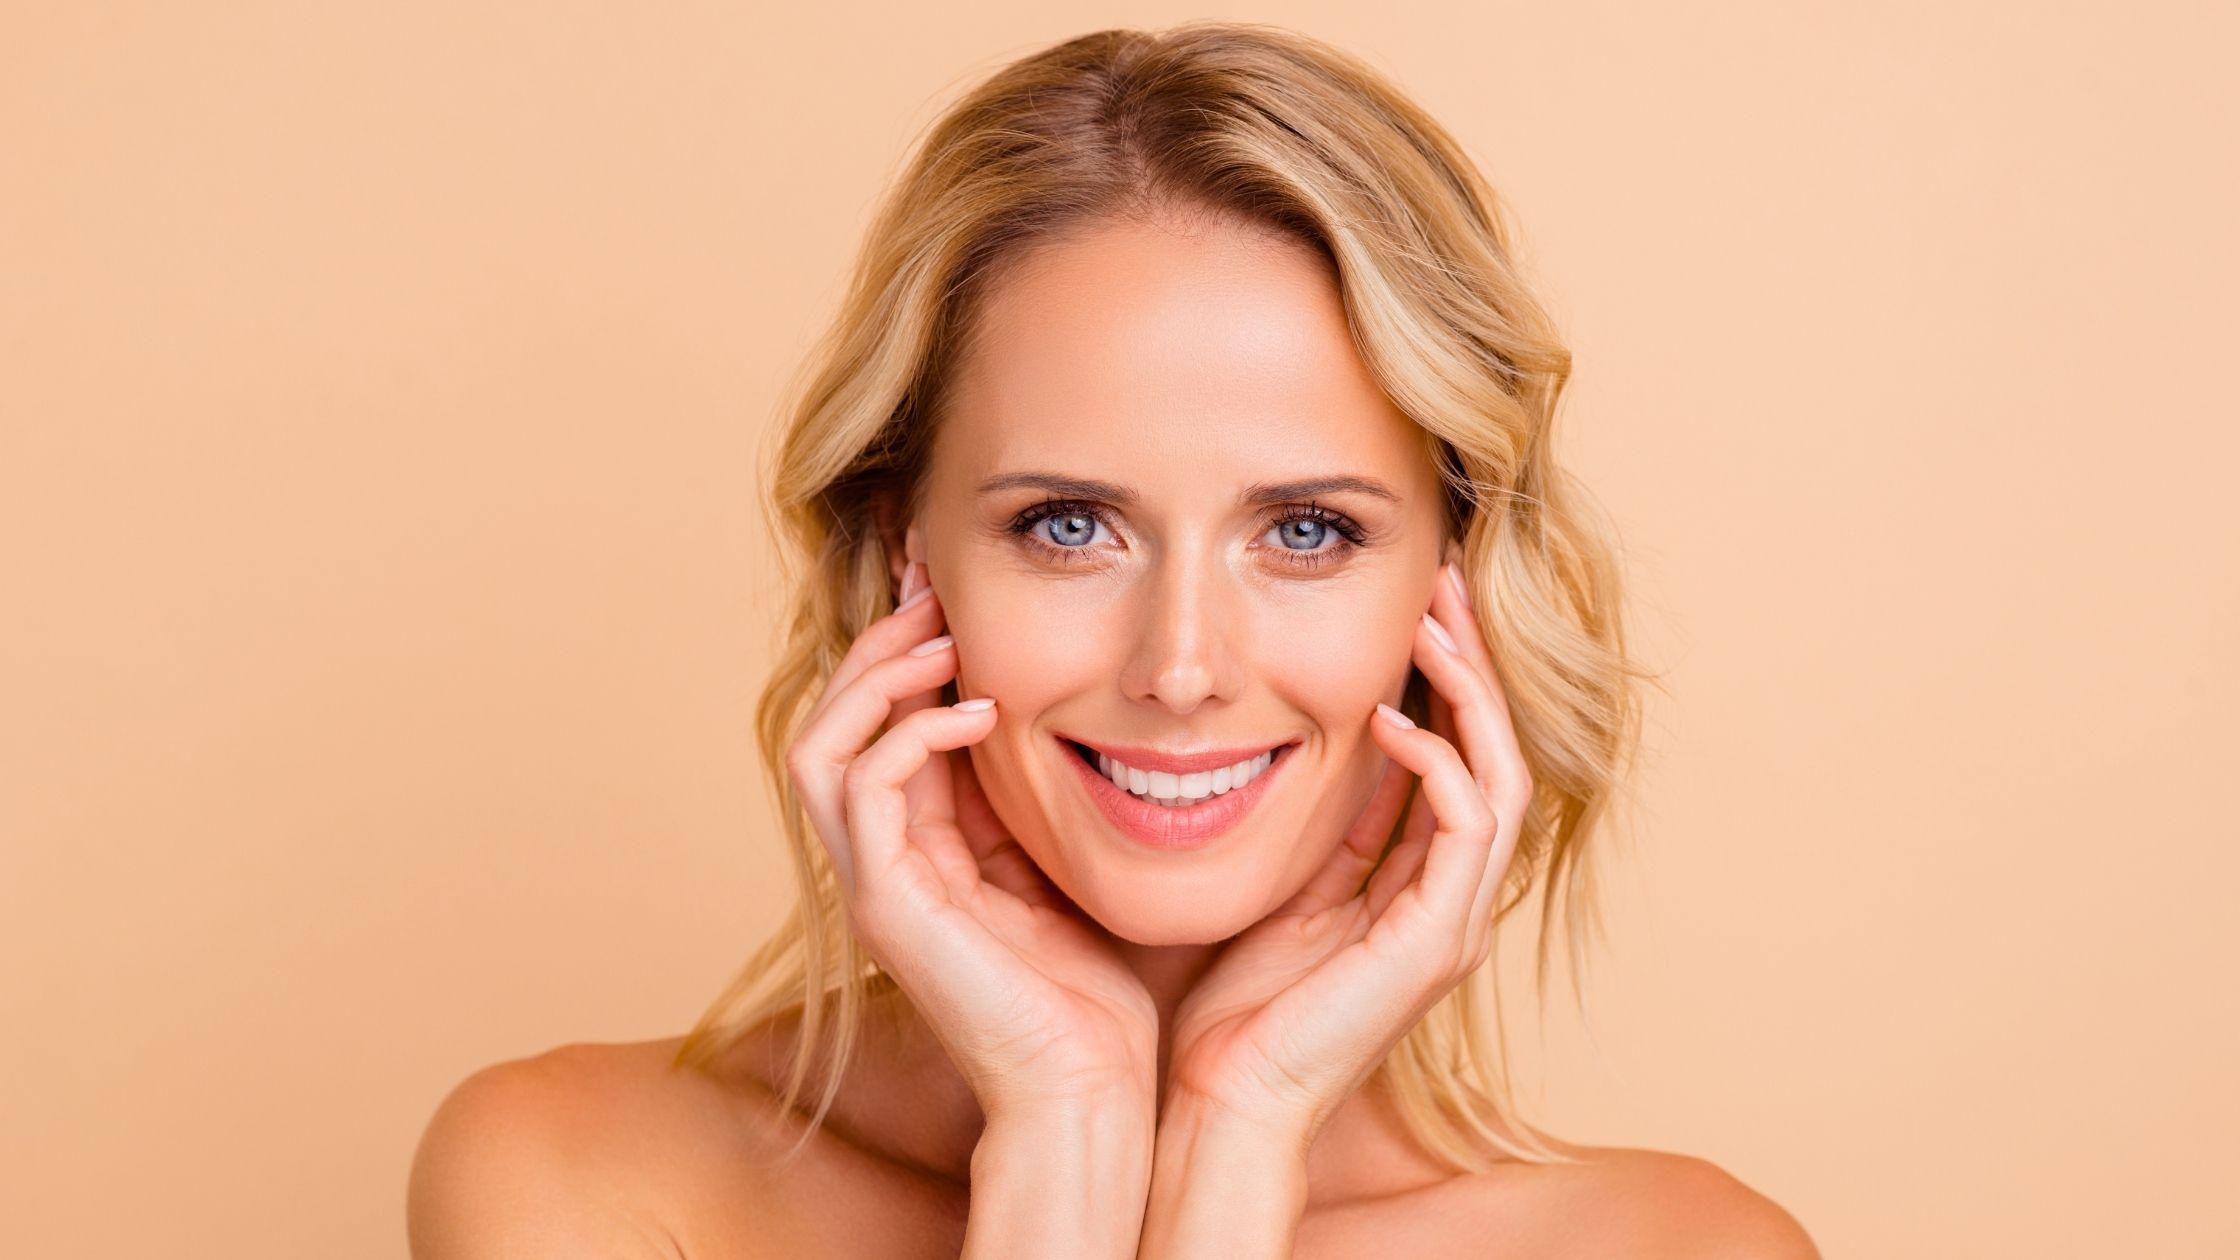 Blefaroplastia ou Toxina Botulínica: qual é a melhor opção para deixar o olhar mais rejuvenescido?